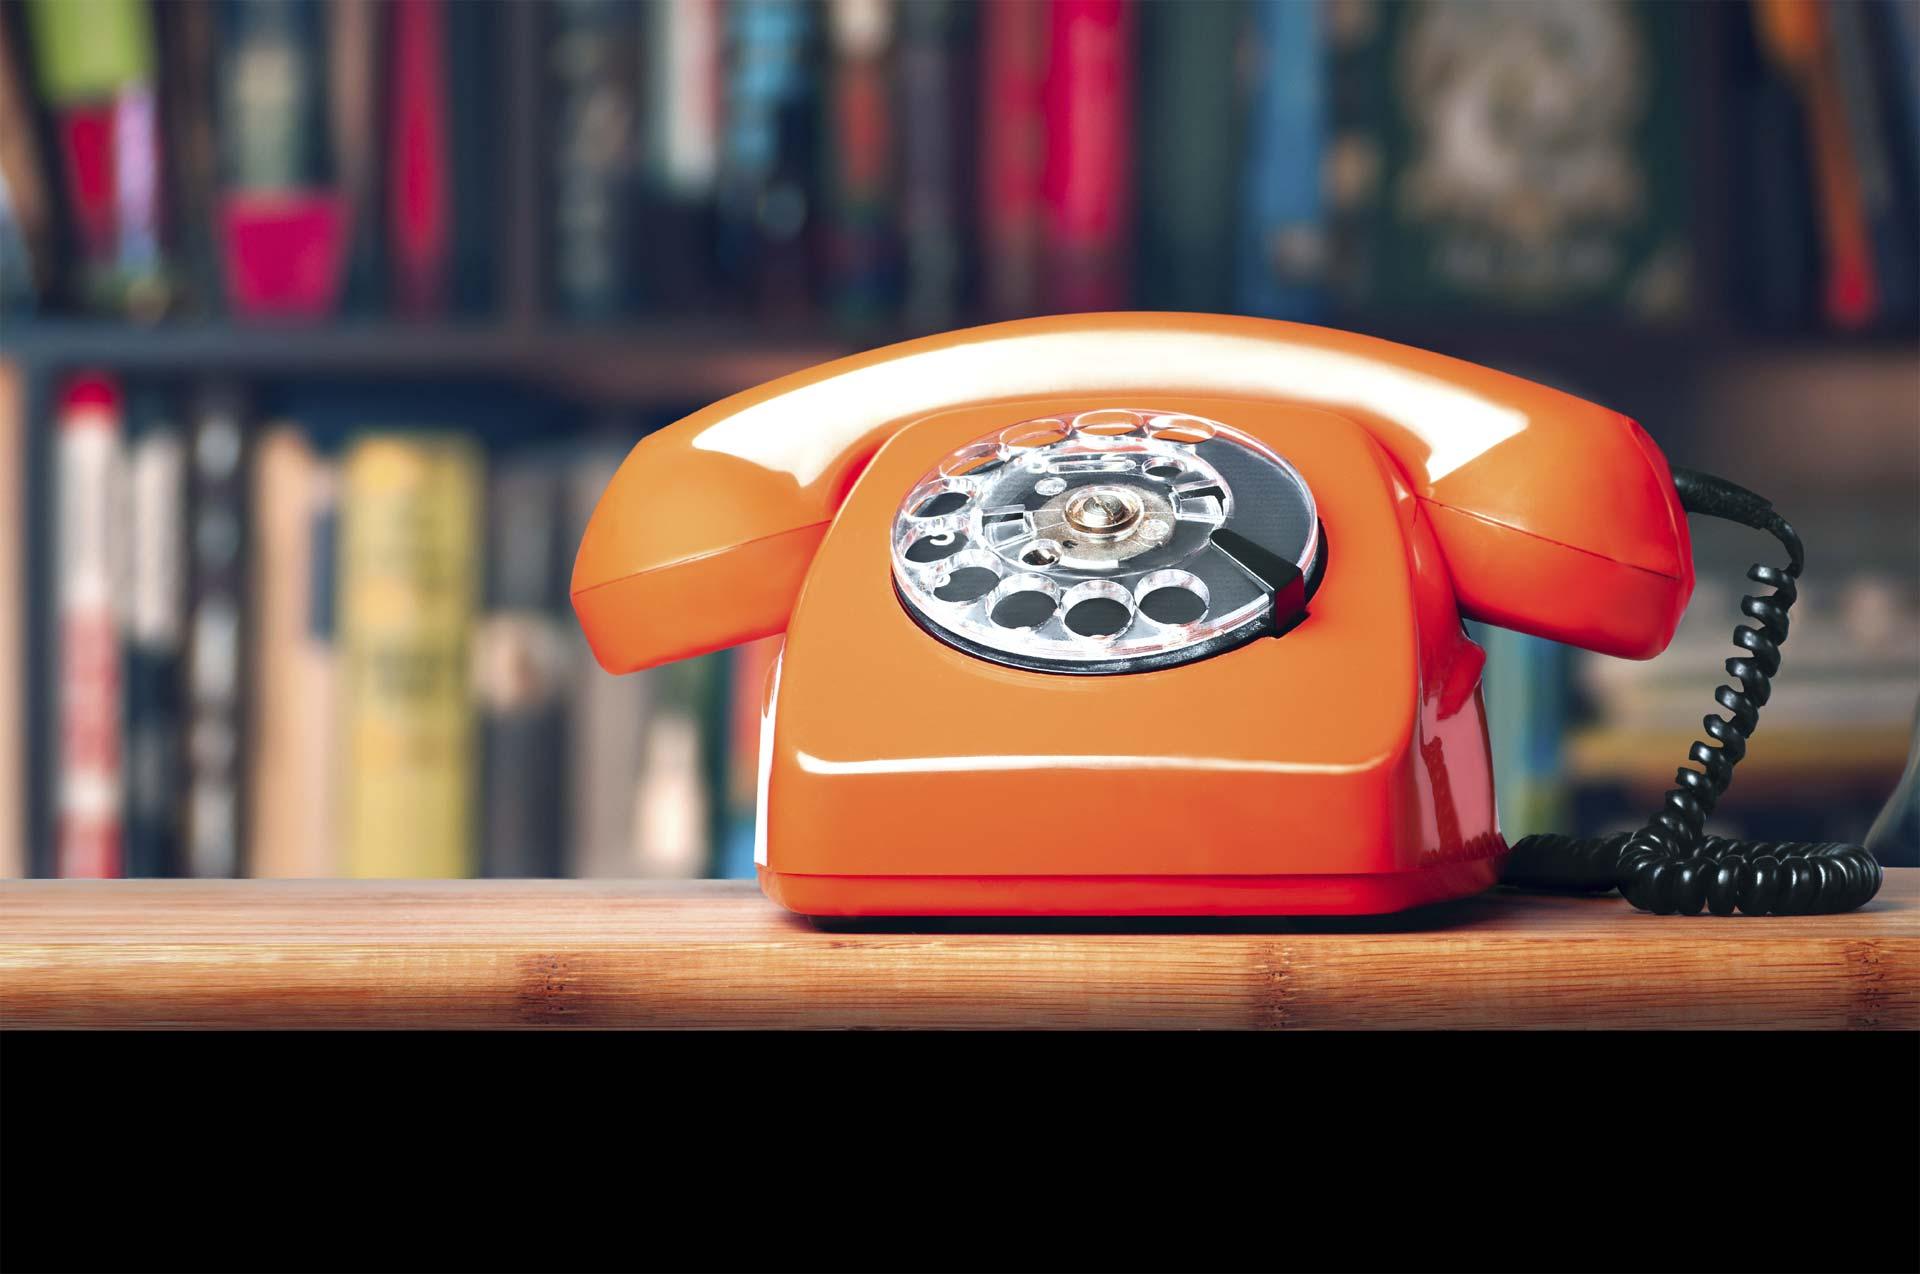 En España, una mujer de 68 años, al creer en una oferta engañosa, estuvo al teléfono durante 56 horas